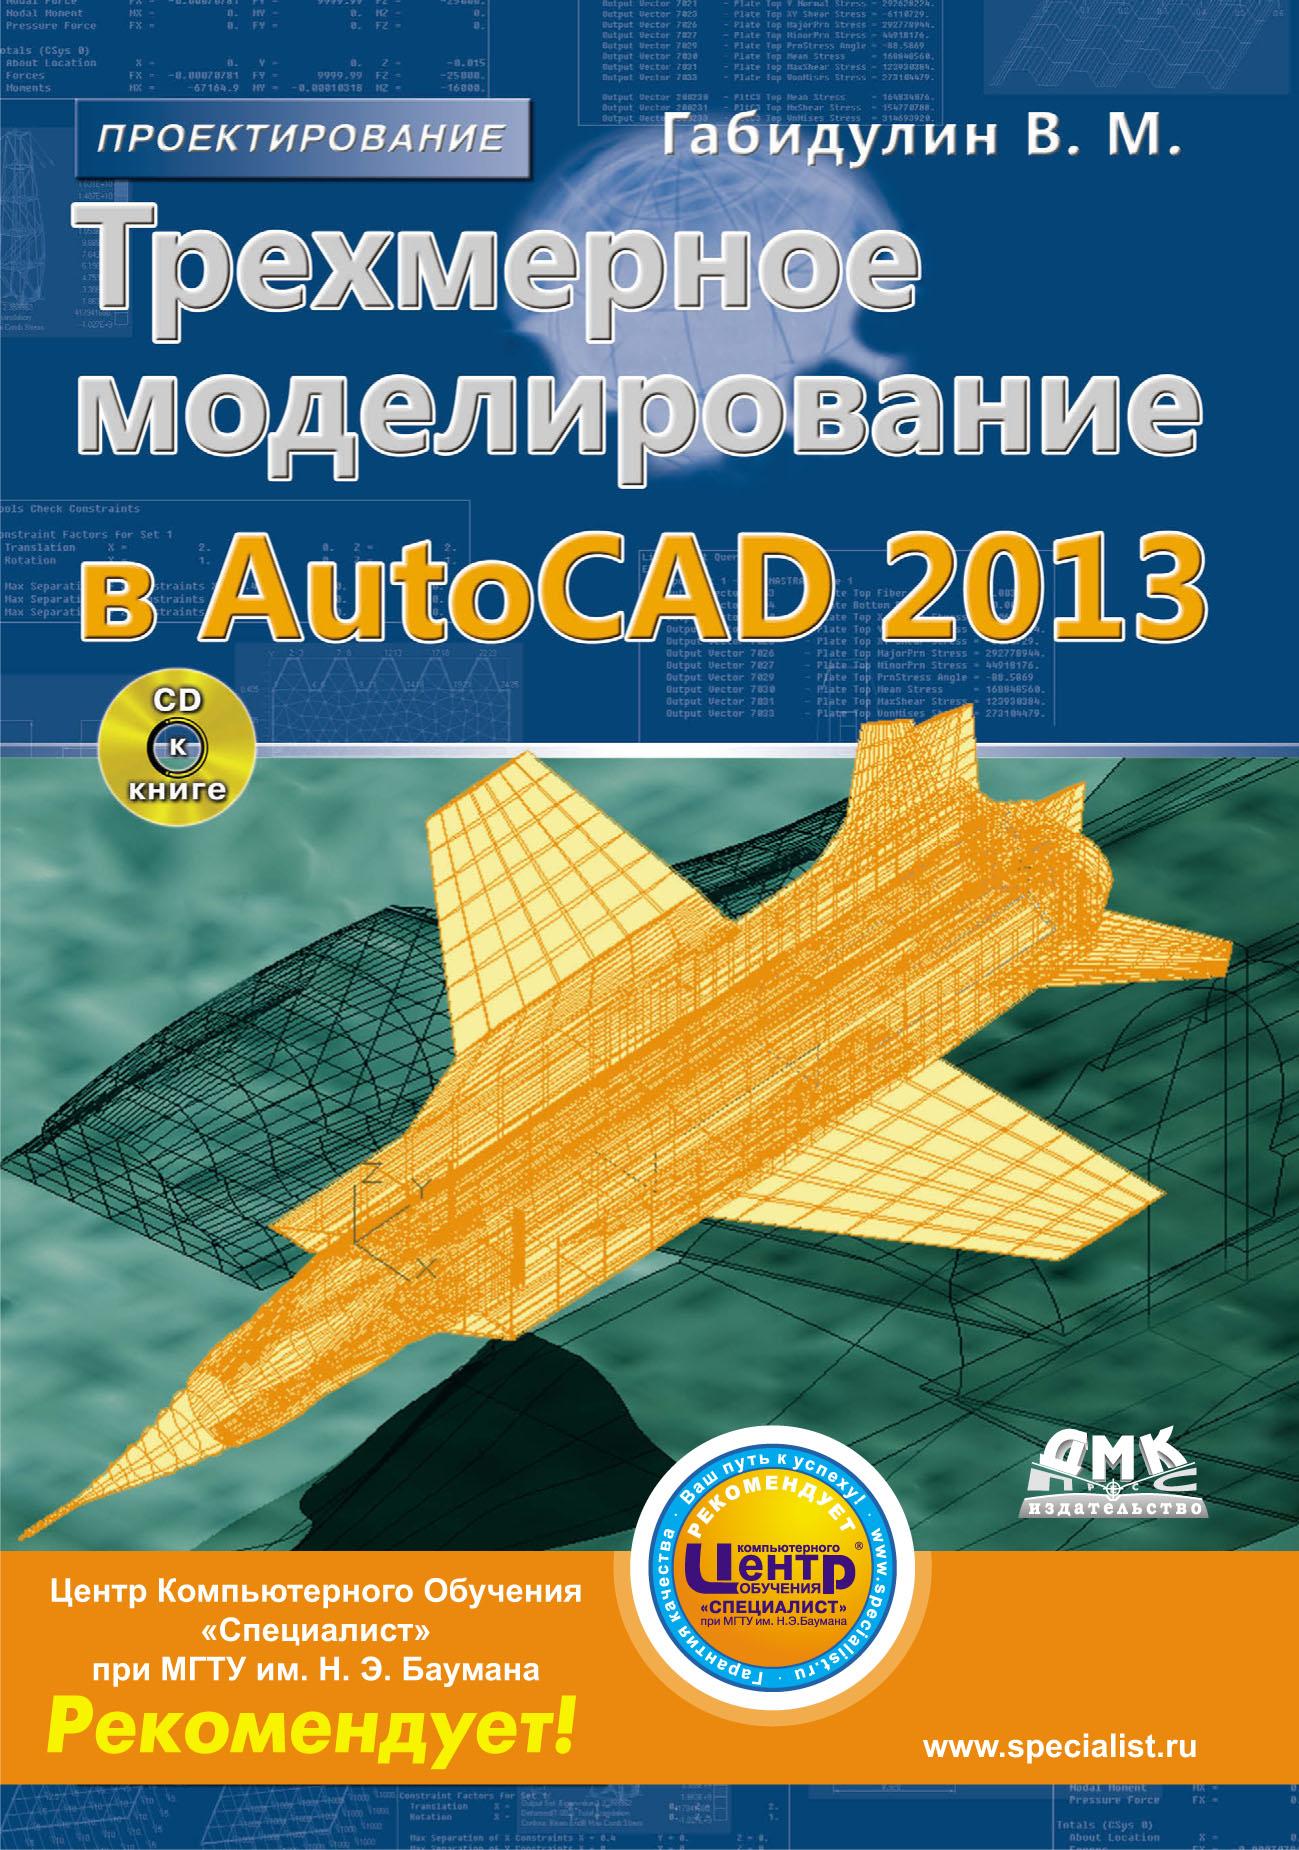 В. М. Габидулин Трехмерное моделирование в AutoCAD 2013 louisa holland mastering autocad civil 3d 2013